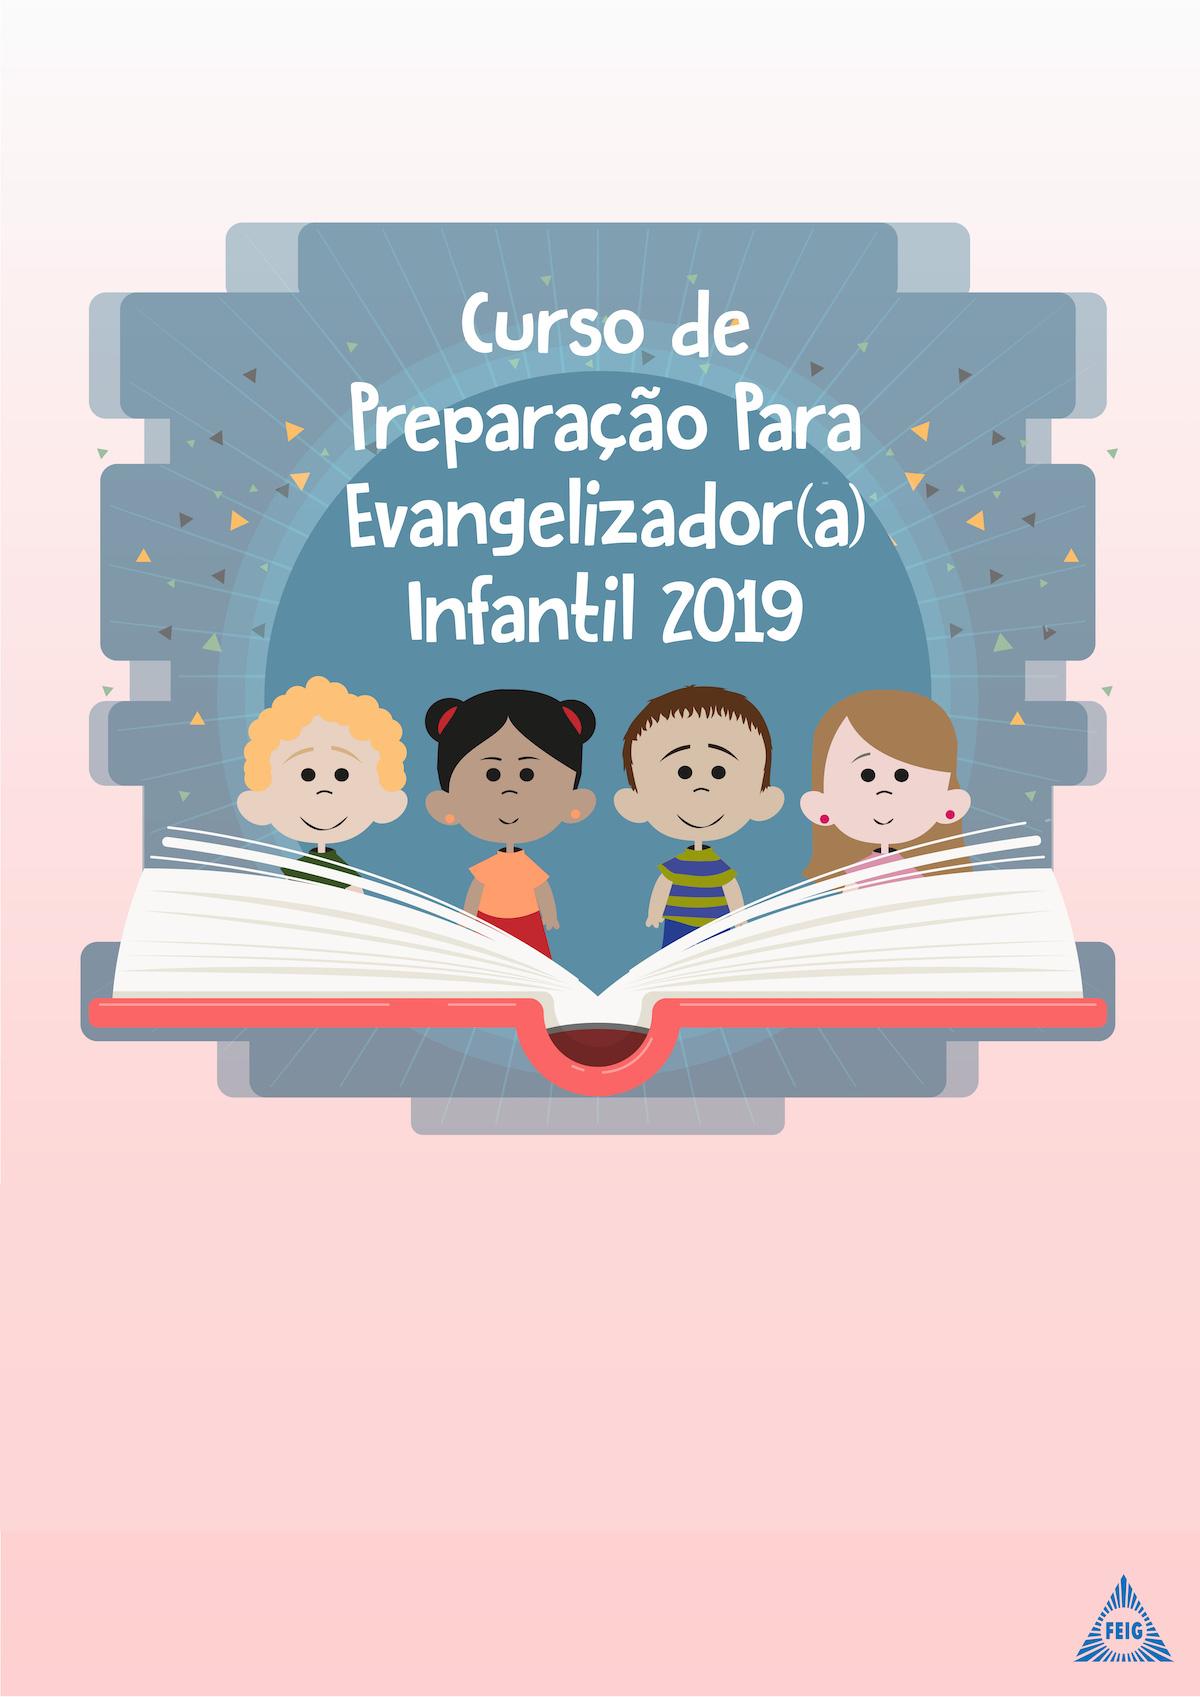 imagem_curso_evangelizador